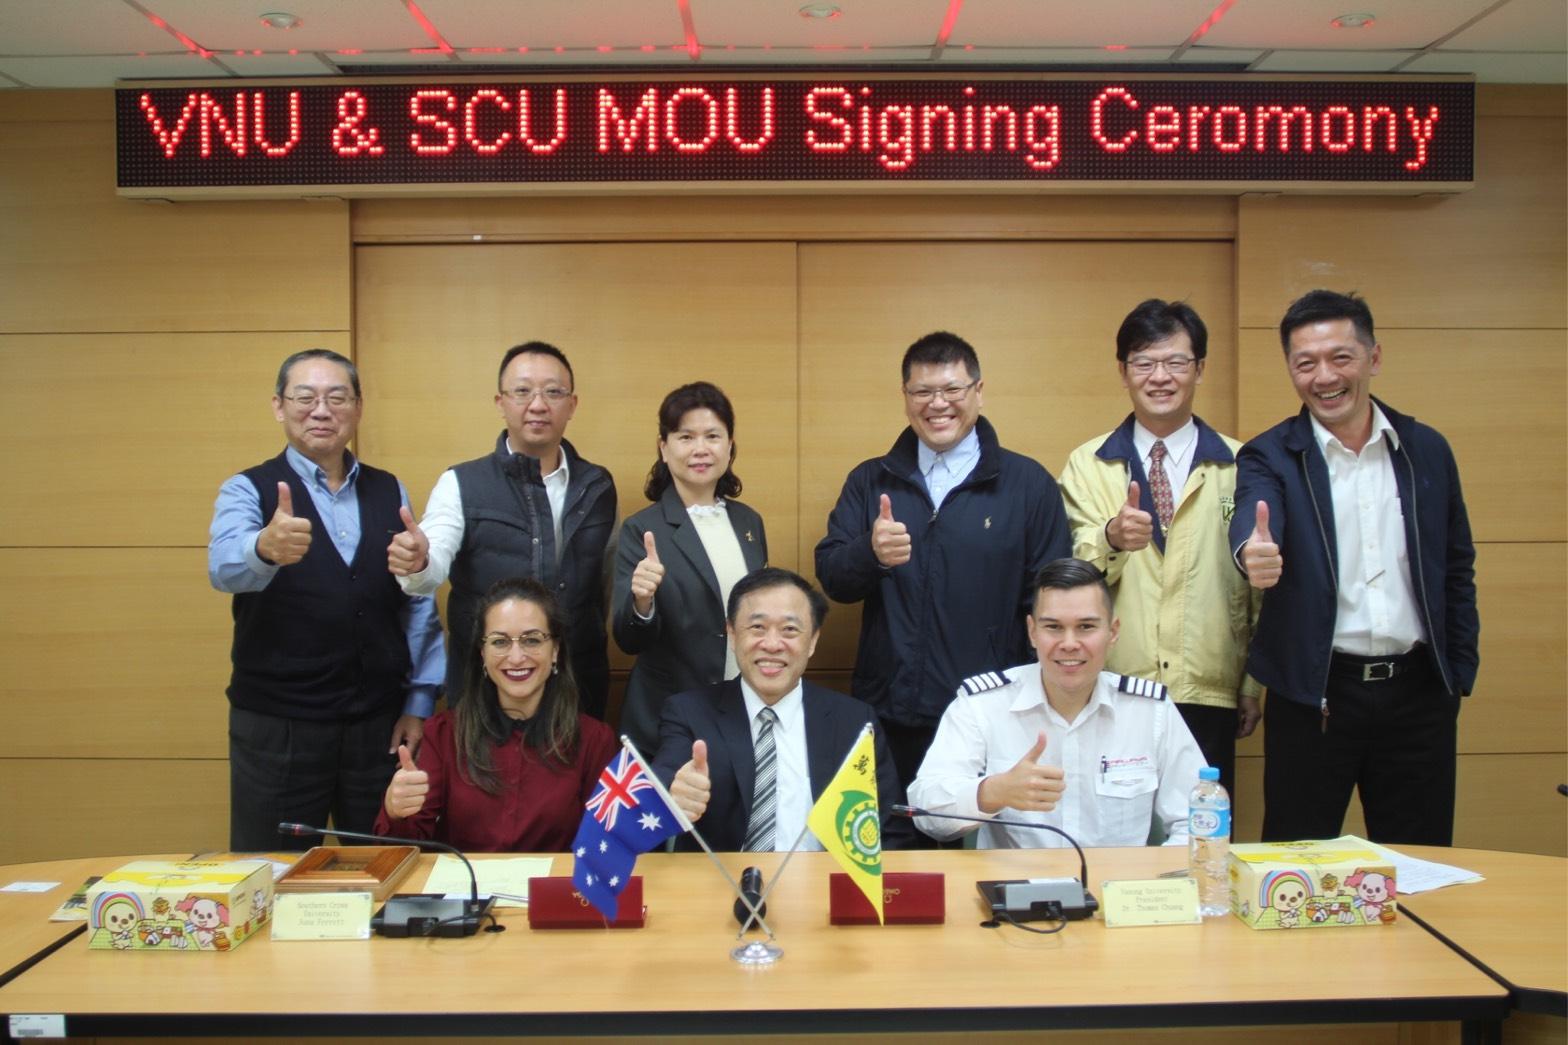 萬能科技大學莊暢校長(前排中)與澳洲南十字星大學代表Juna Ferrett(前排左)相見歡